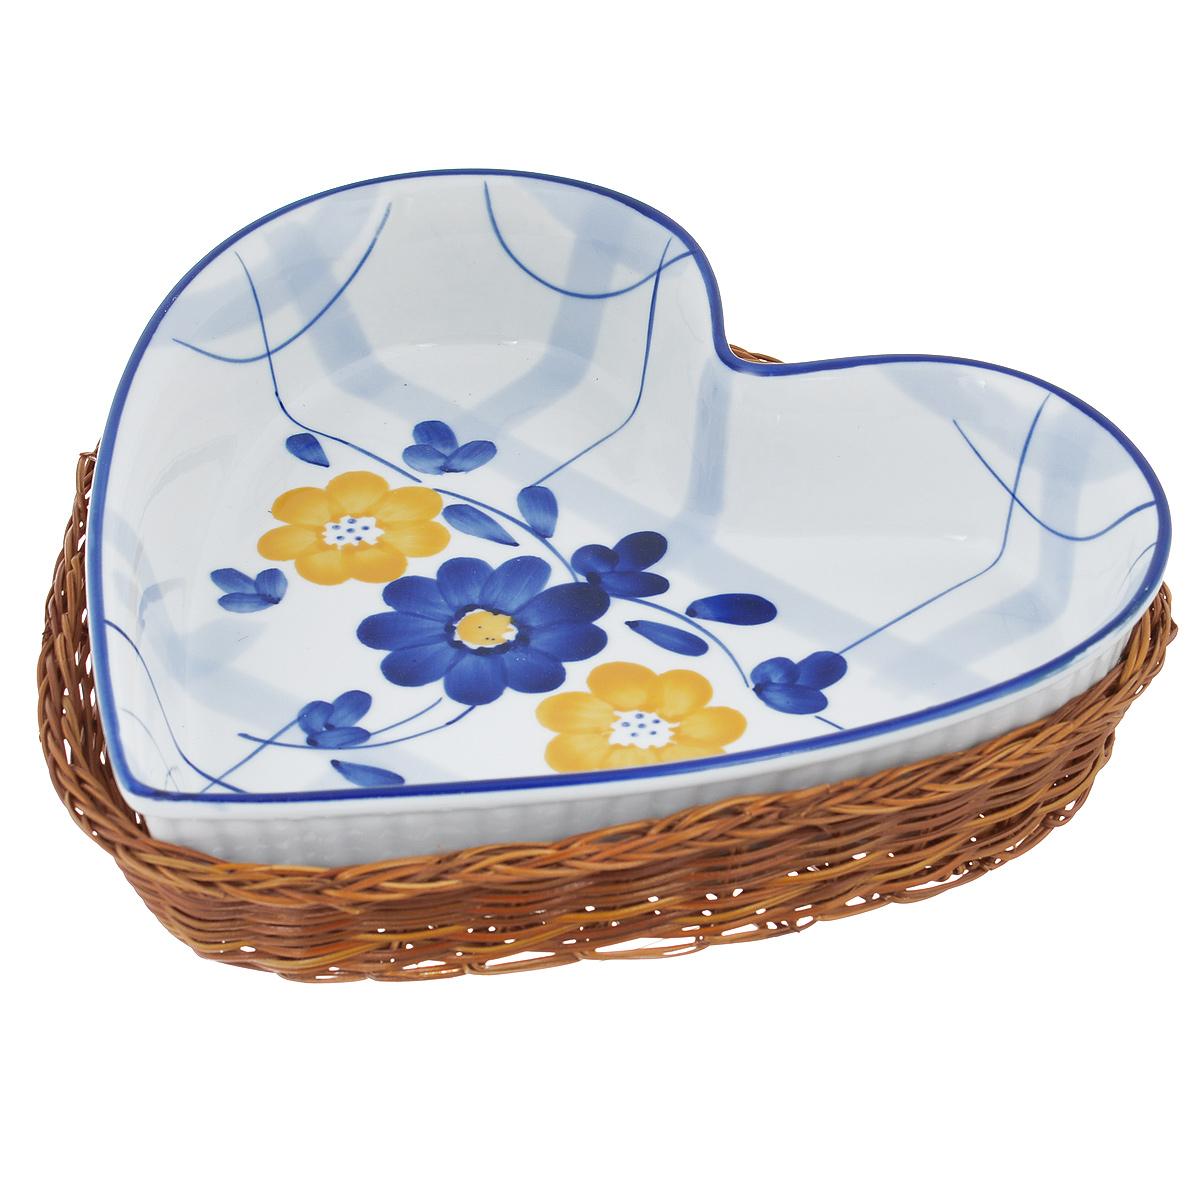 Блюдо Bekker Dish с корзиной, цвет: синий, белый, 24,5 см х 24 смBK-7329 (16)Блюдо Bekker Dish изготовлено из высококачественной жаропрочной керамики и декорировано изображением цветов. В комплект входит плетеная корзина-подставка, изготовленная из ротанга. Изделия из керамики идеально подходят как для приготовления пищи, так и для подачи на стол. Материал не содержит свинца и кадмия. С такой формой вы всегда сможете порадовать своих близких оригинальным блюдом. Блюдо можно использовать в духовке и микроволновой печи. Можно мыть в посудомоечной машине.